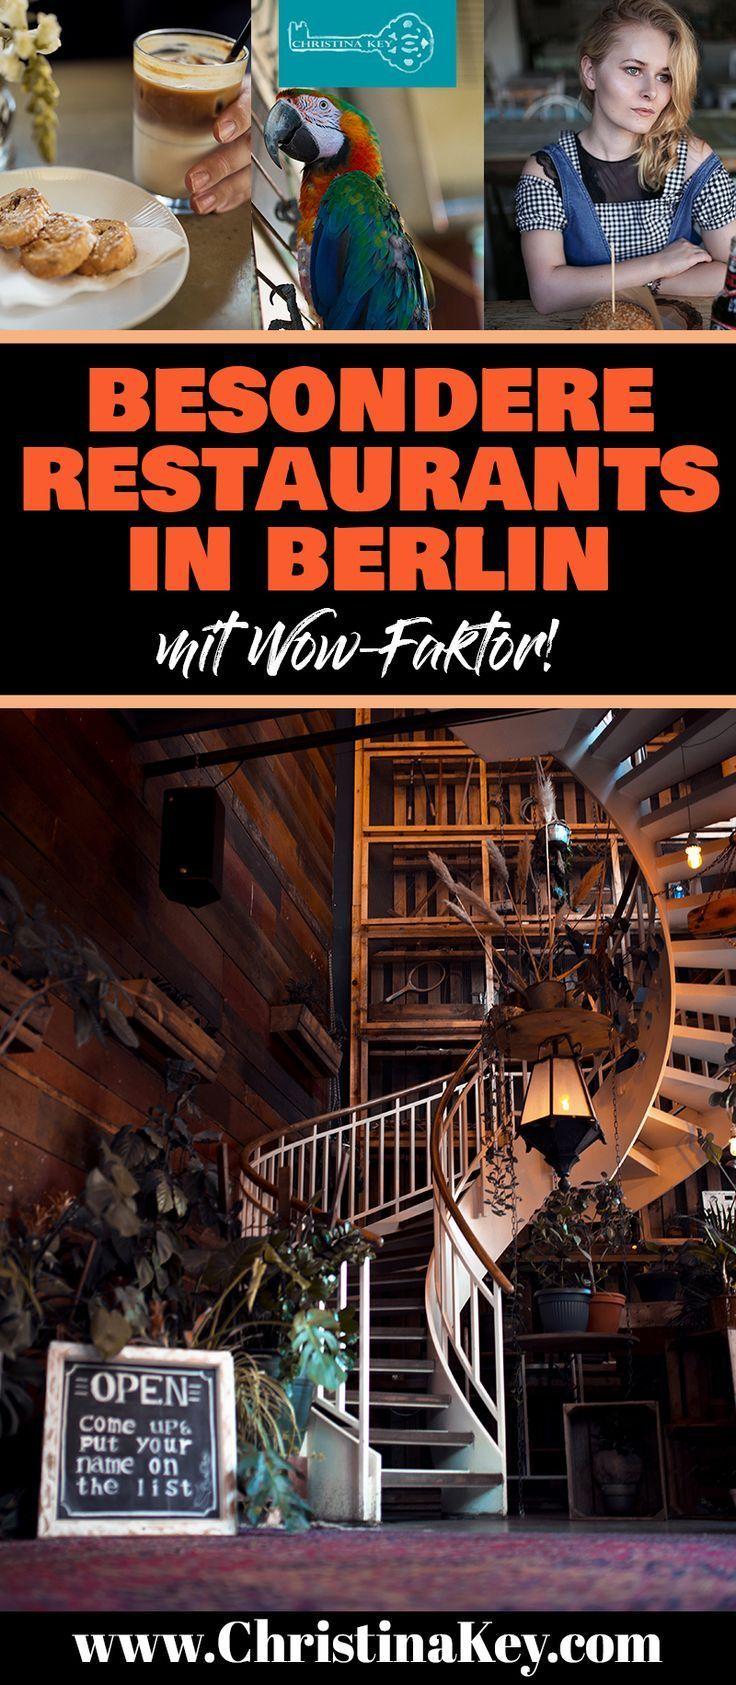 Besondere Restaurants & Cafés in Berlin